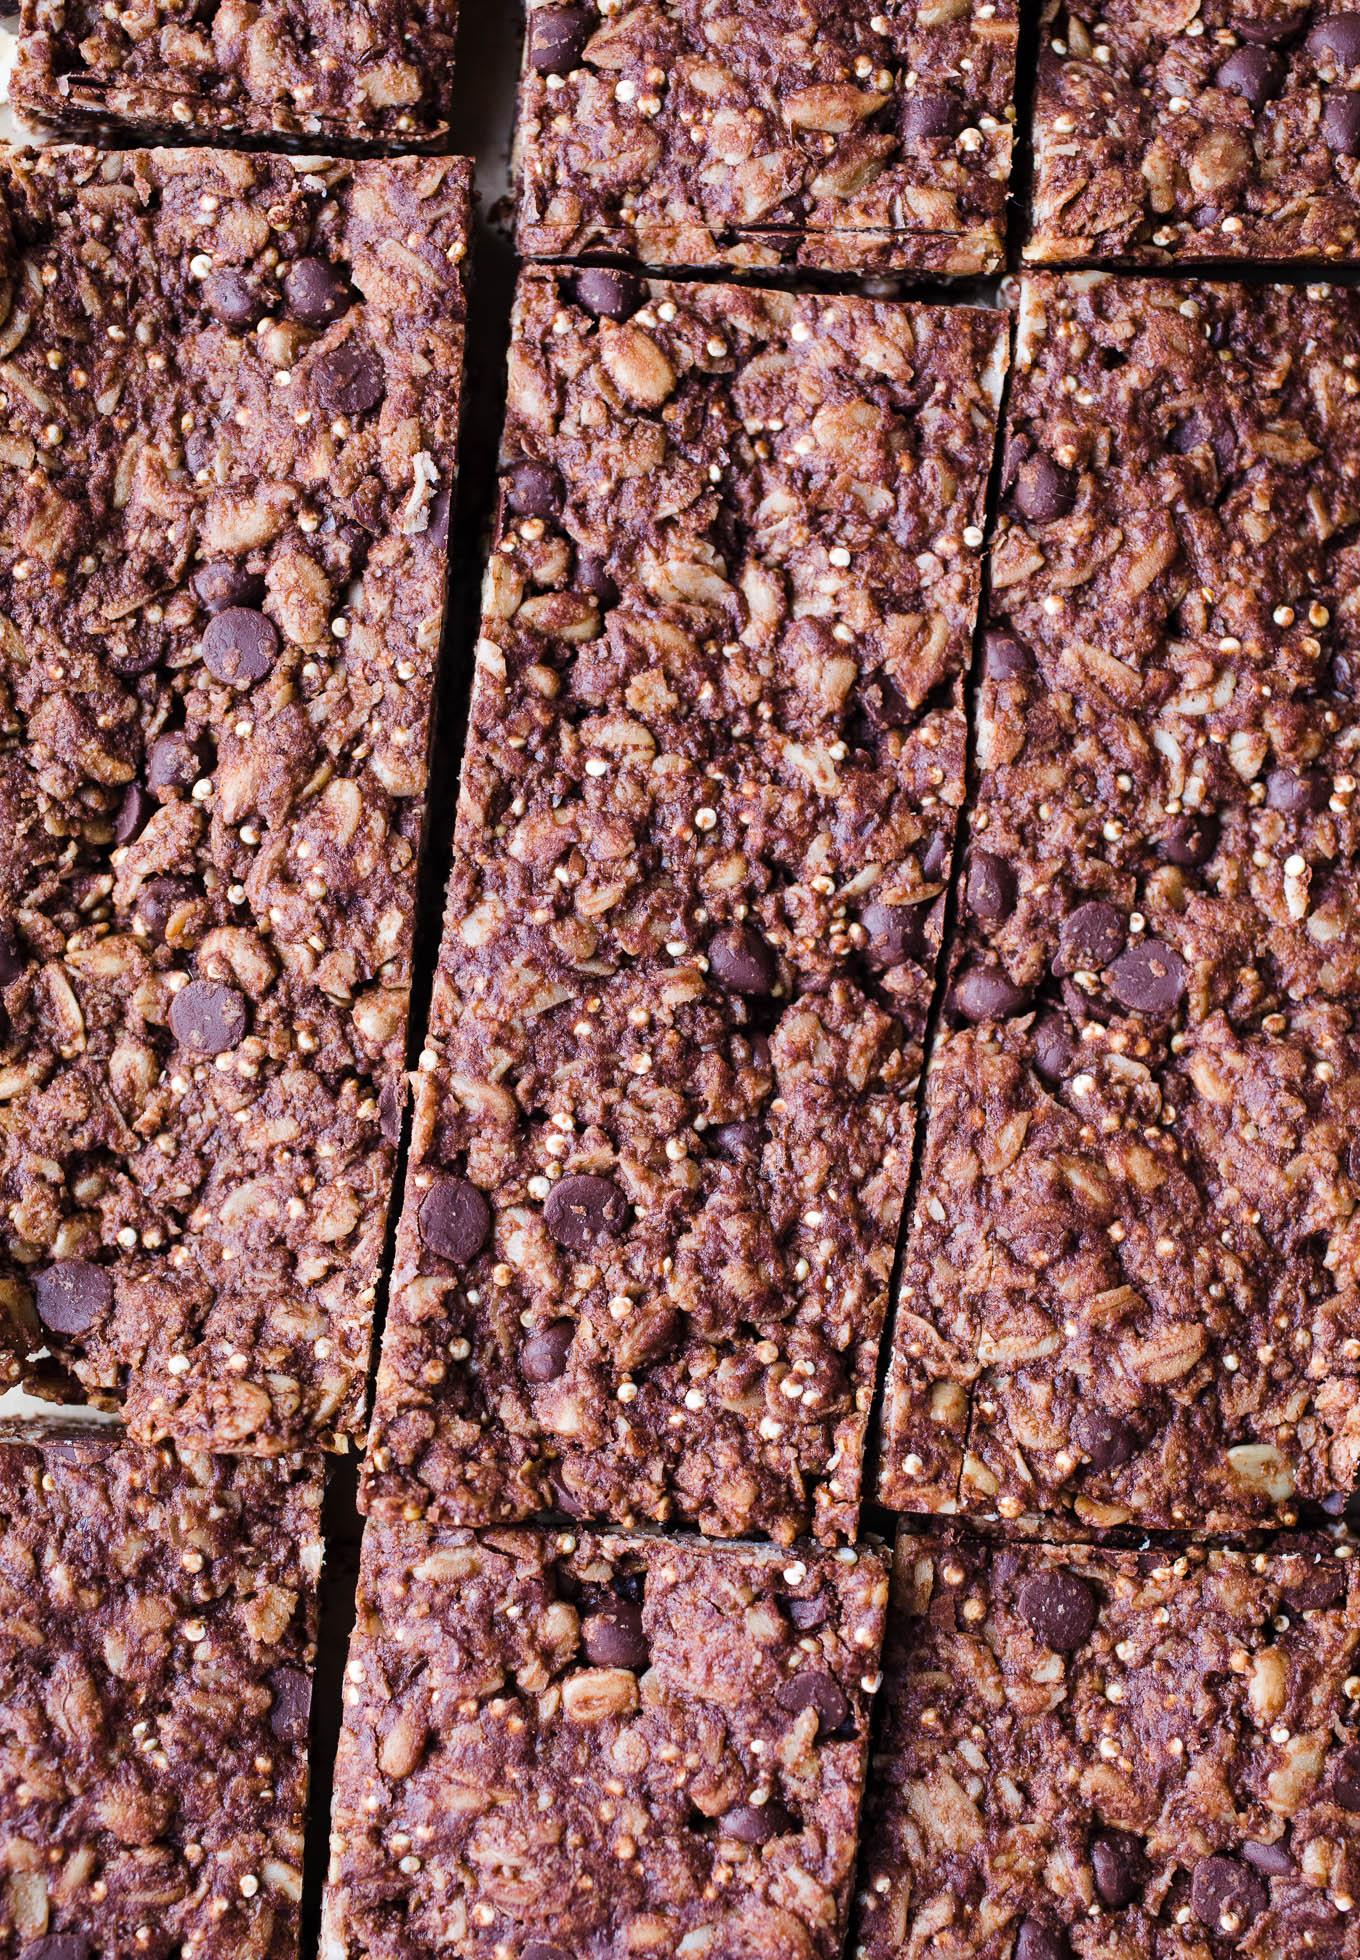 sliced baked granola bars